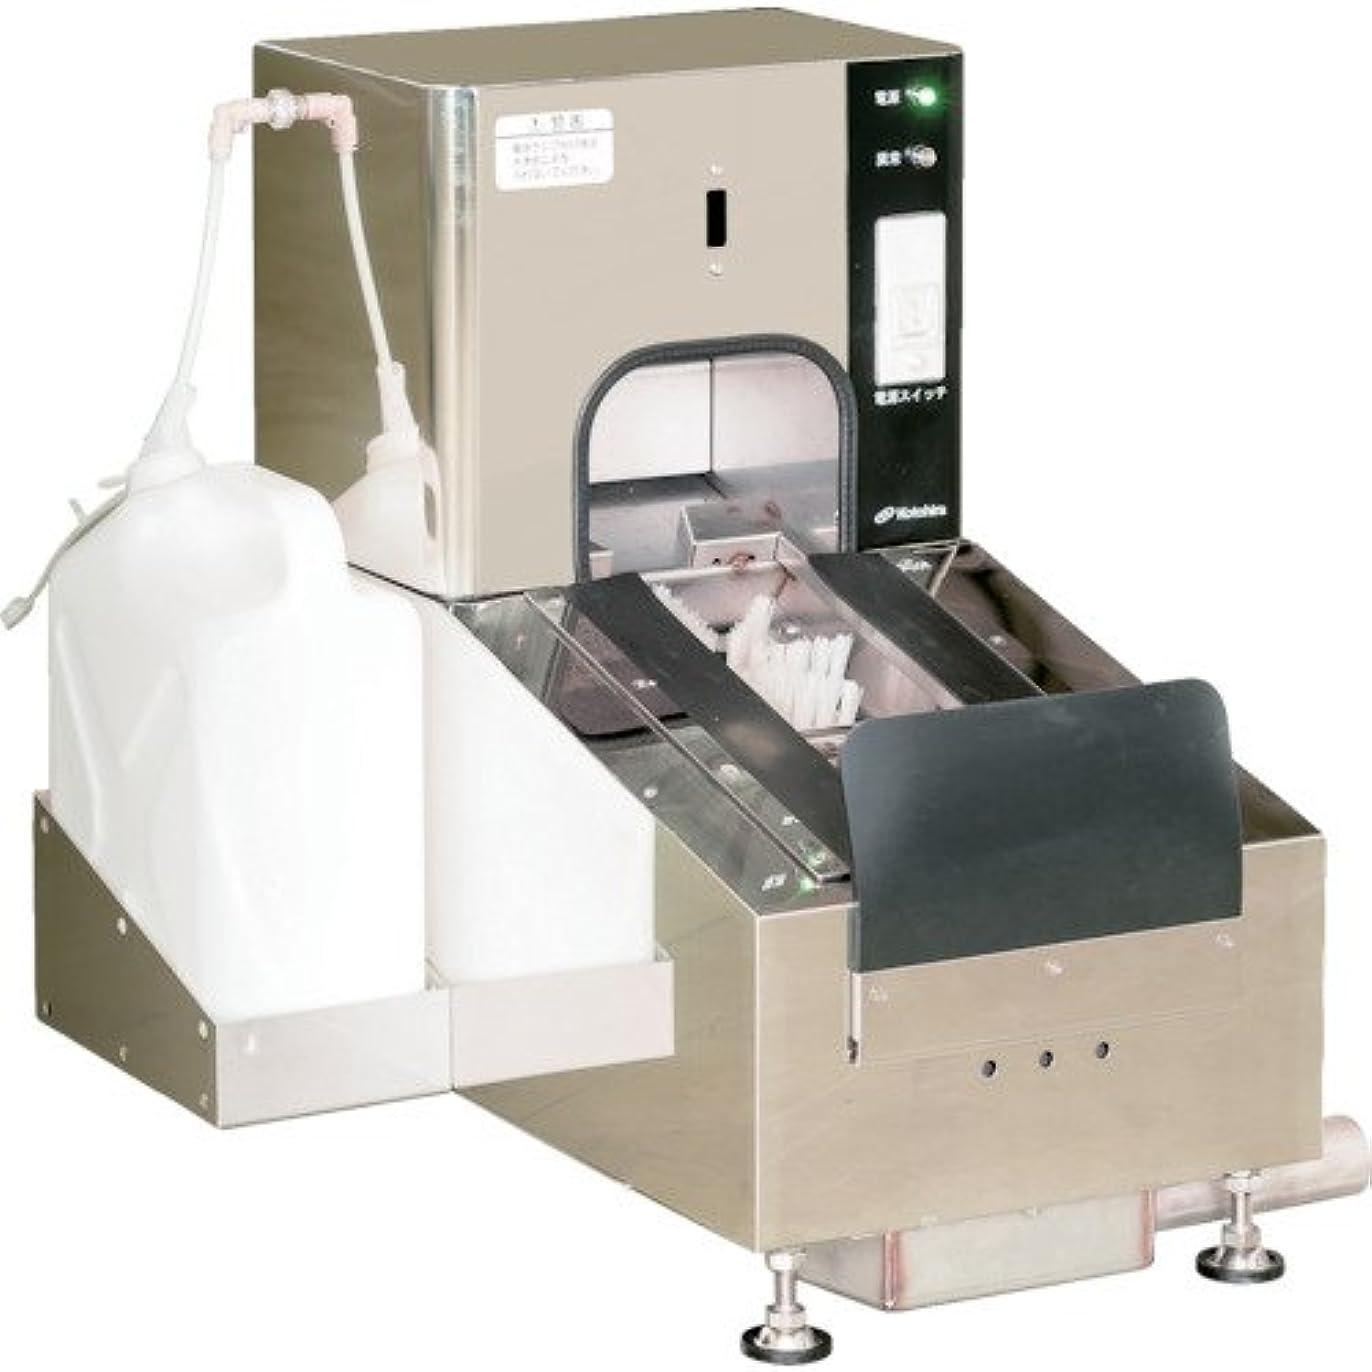 満足できる芽親コトヒラ 流水式靴底洗浄装置 洗剤投入タイプ KSW-S02D